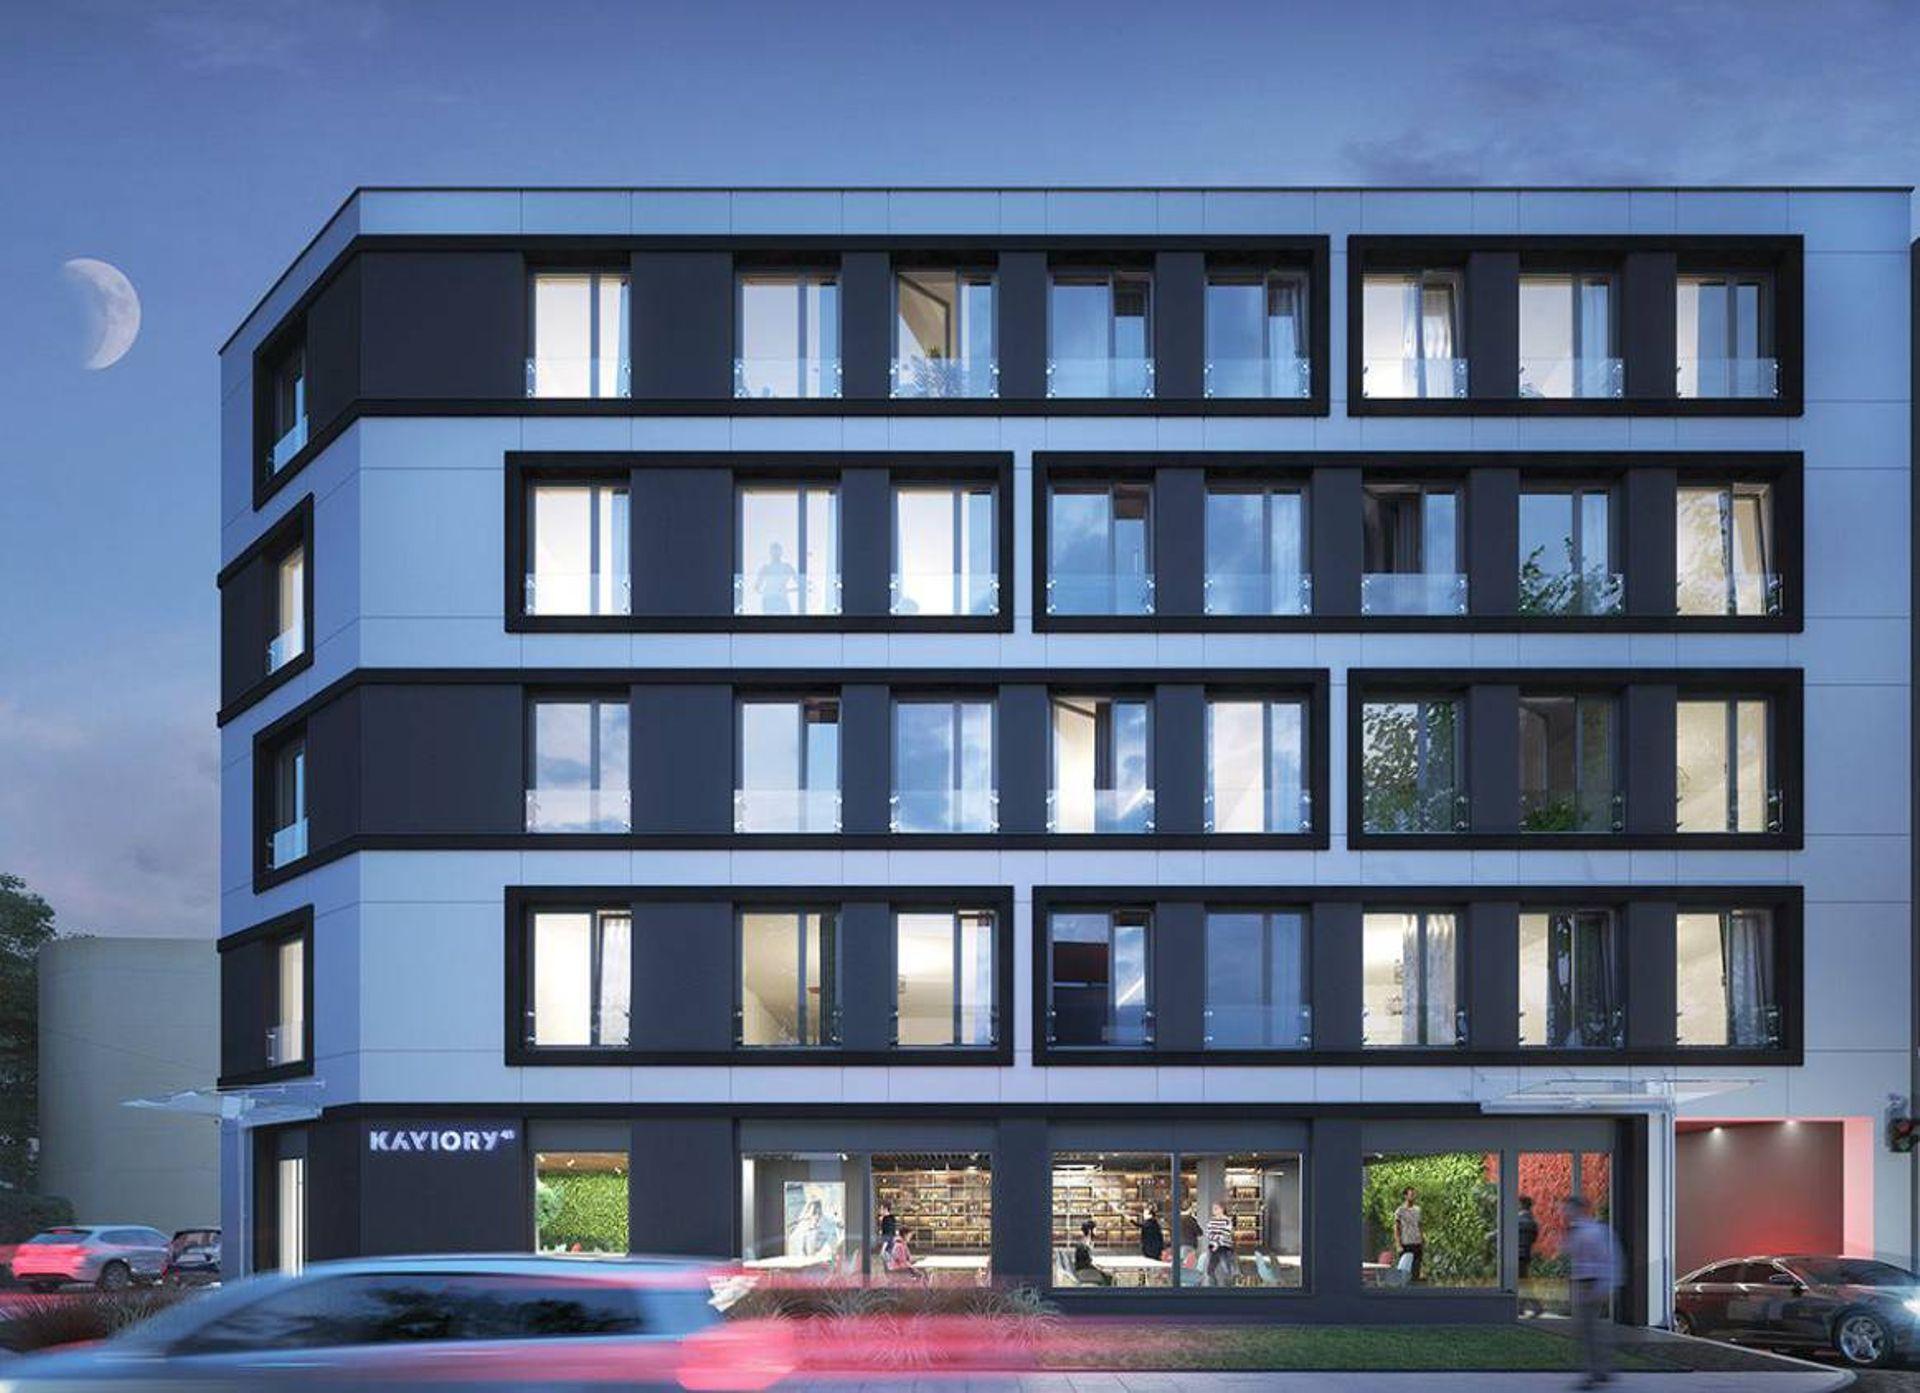 Kraków: Kaviory 41 – FUH Magnolia buduje na Krowodrzy. Oferuje mieszkania i lokale usługowe